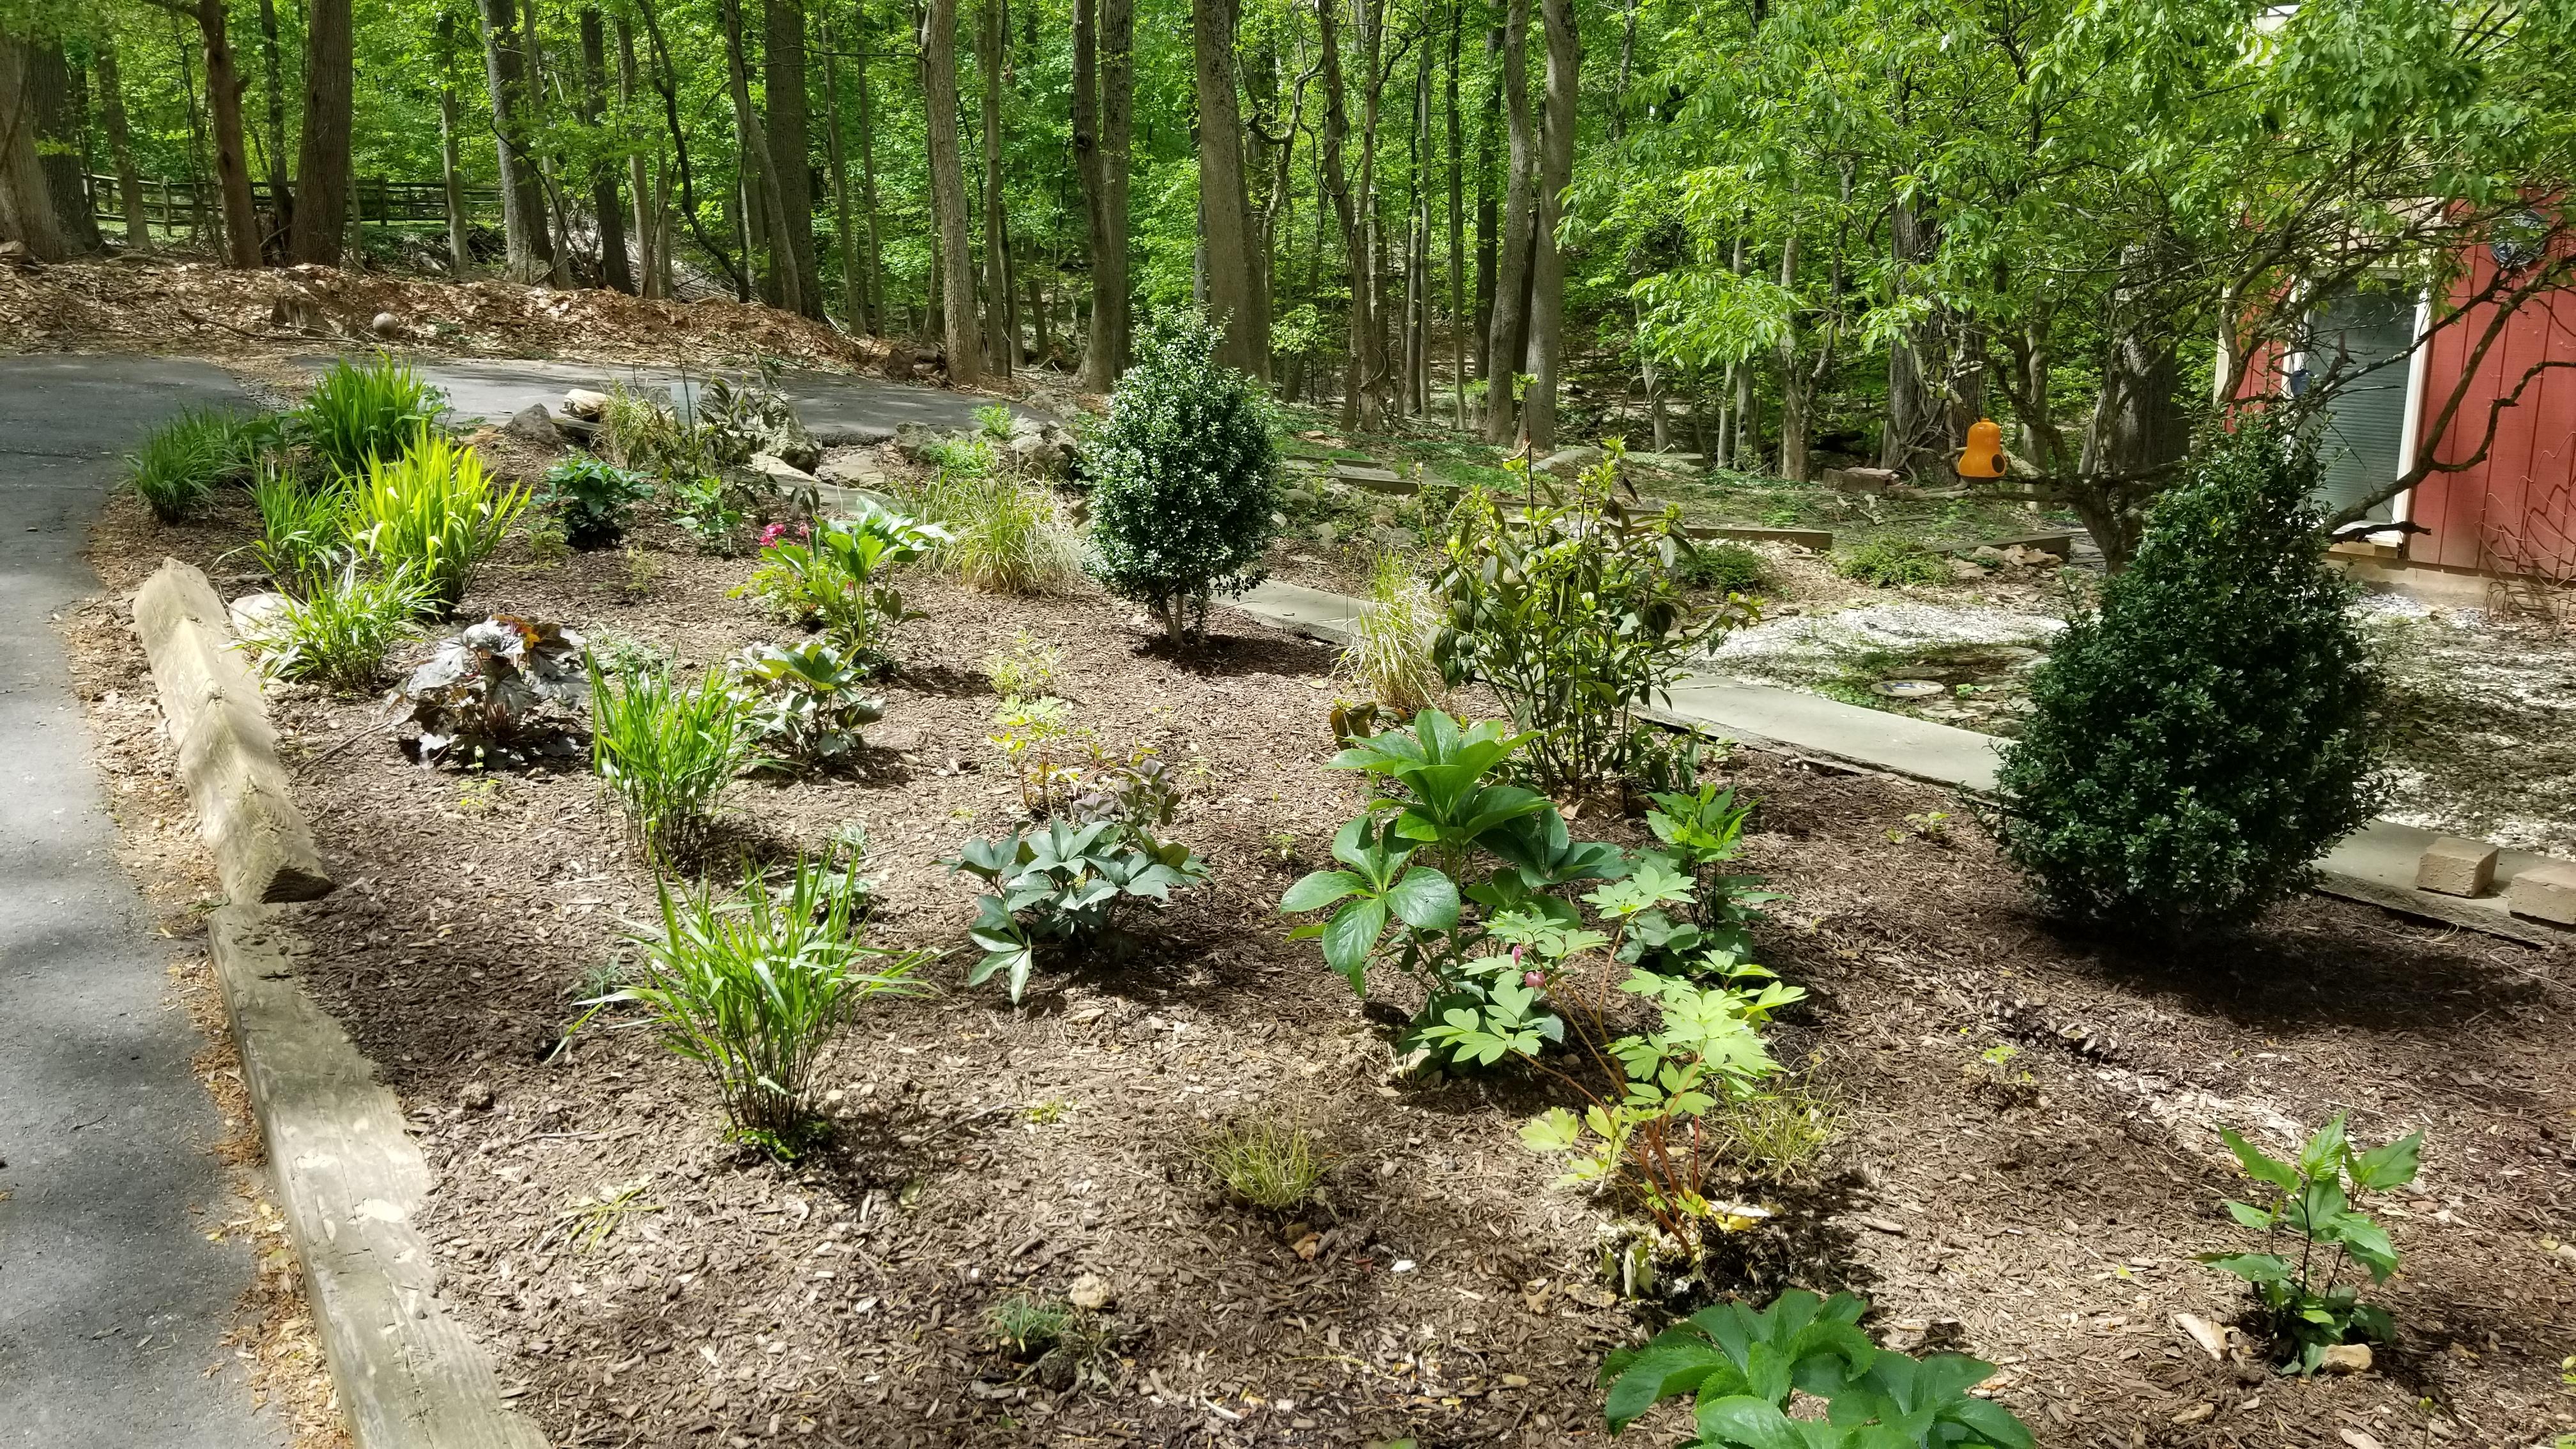 Radnor garden installs